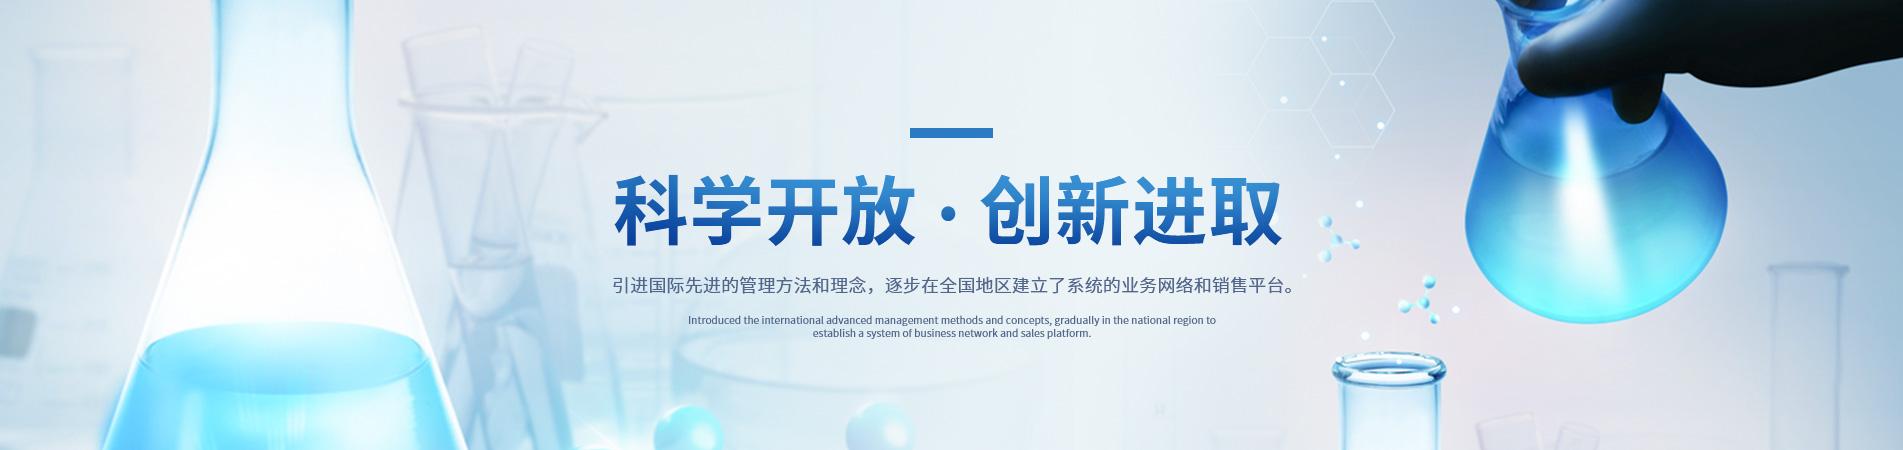 上海东醇生物科技有限公司